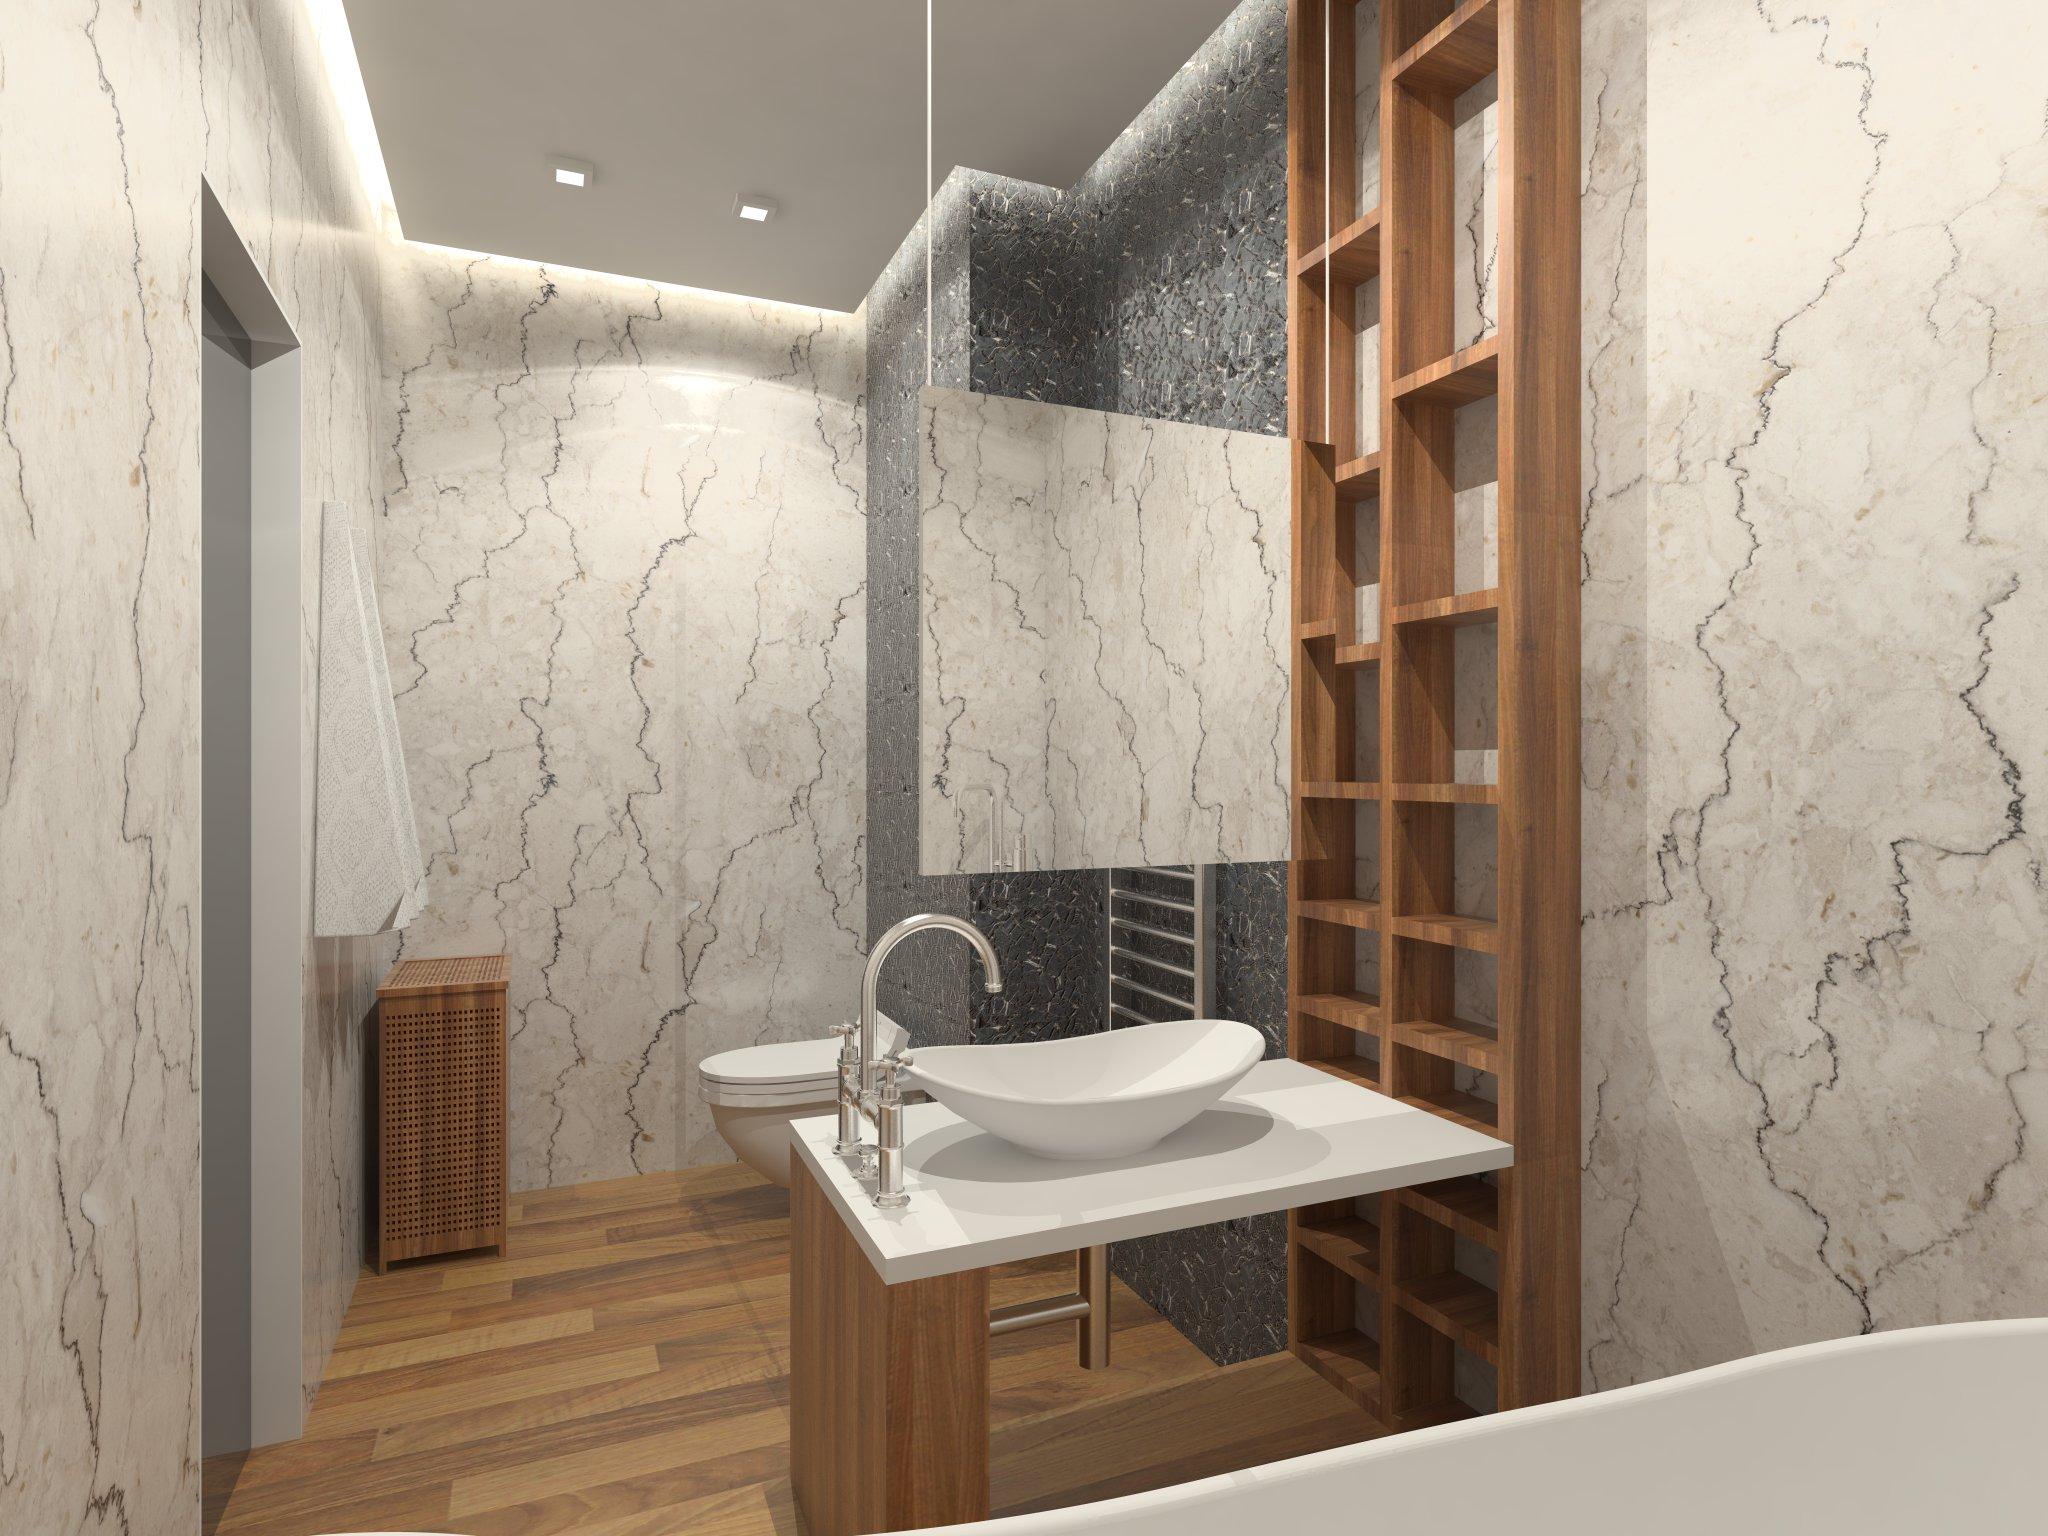 55 полезных советов по ремонту - рекомендации по обустройству туалетной и ванной комнат от архитектурного бюро HCProject в Москве